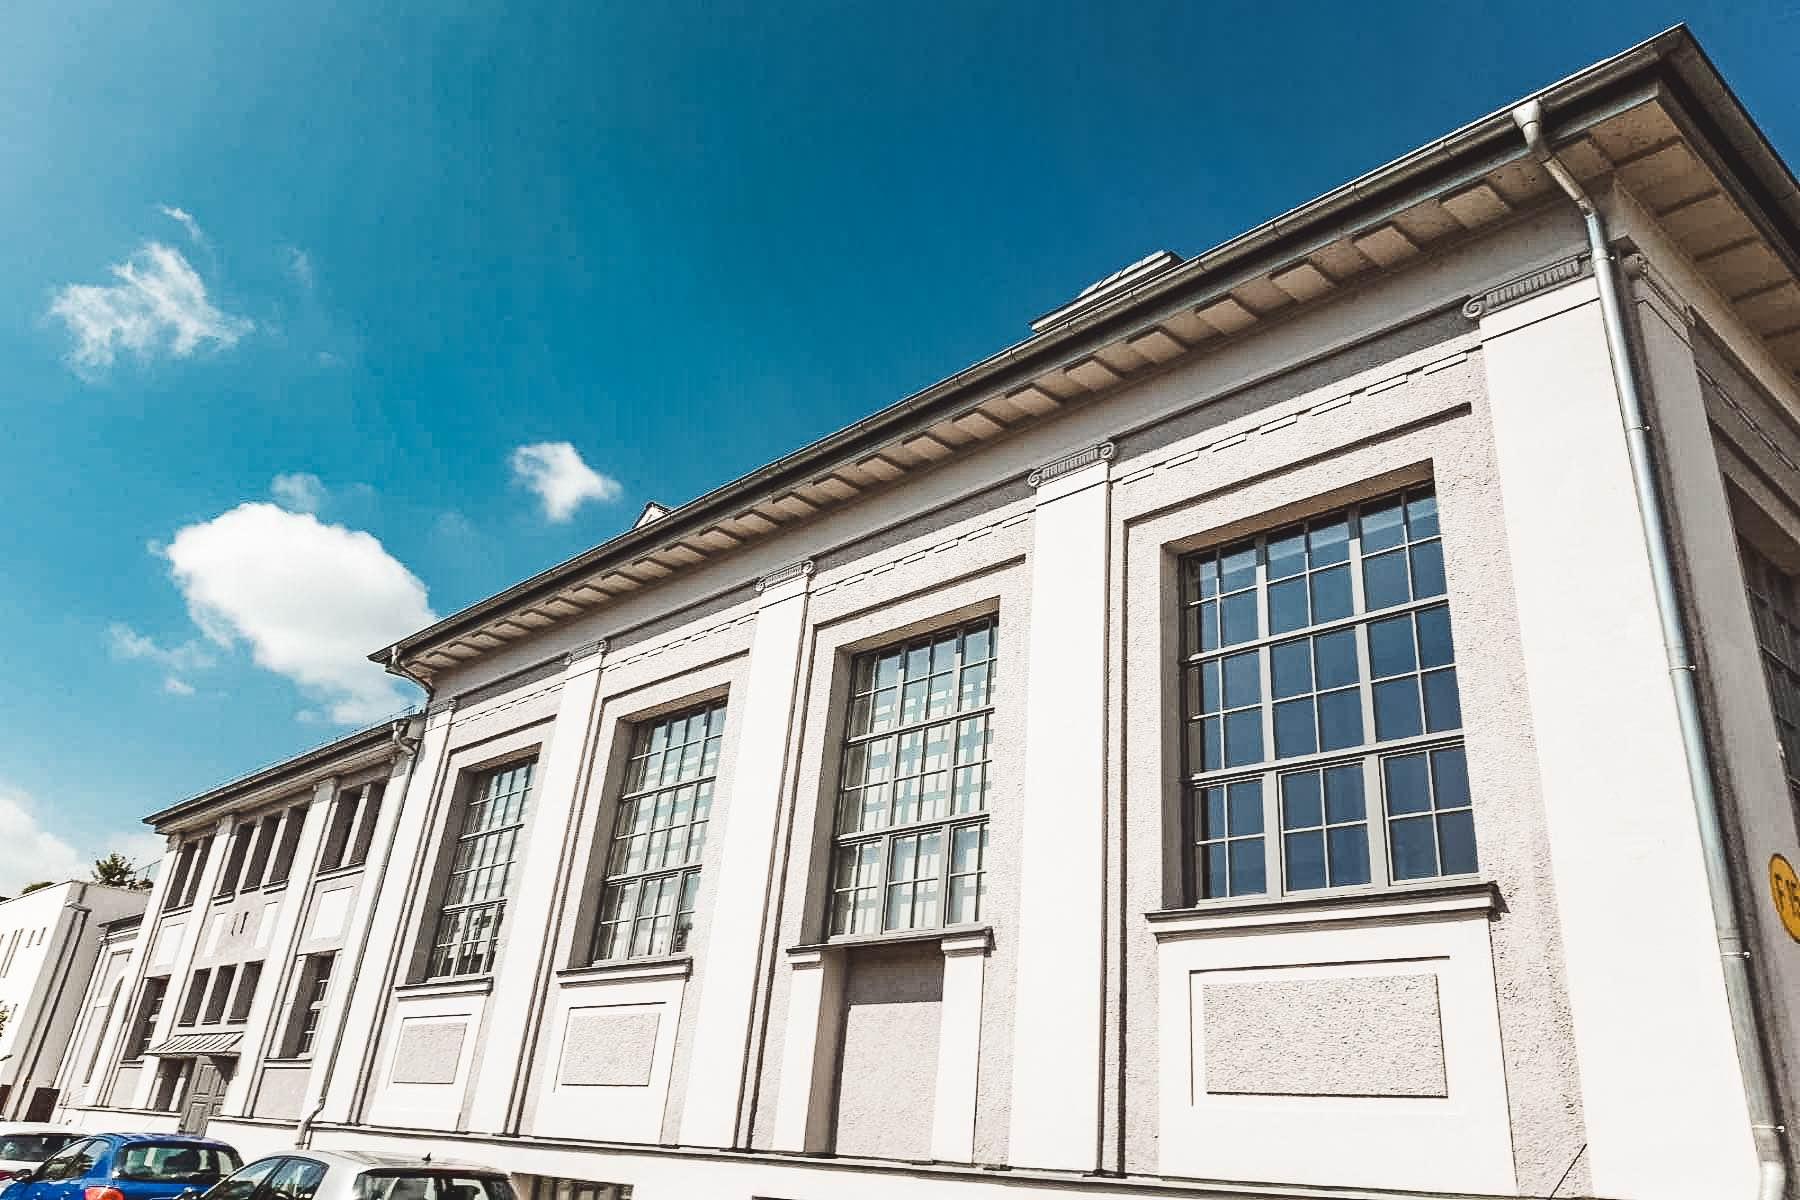 Unmittelbar an der ehemaligen Zwirnerei und Nähfadenfabrik Göggingen befindet sich das Maschinengebäude, das auffällt, da es ganz in Weiß gehalten wurde.